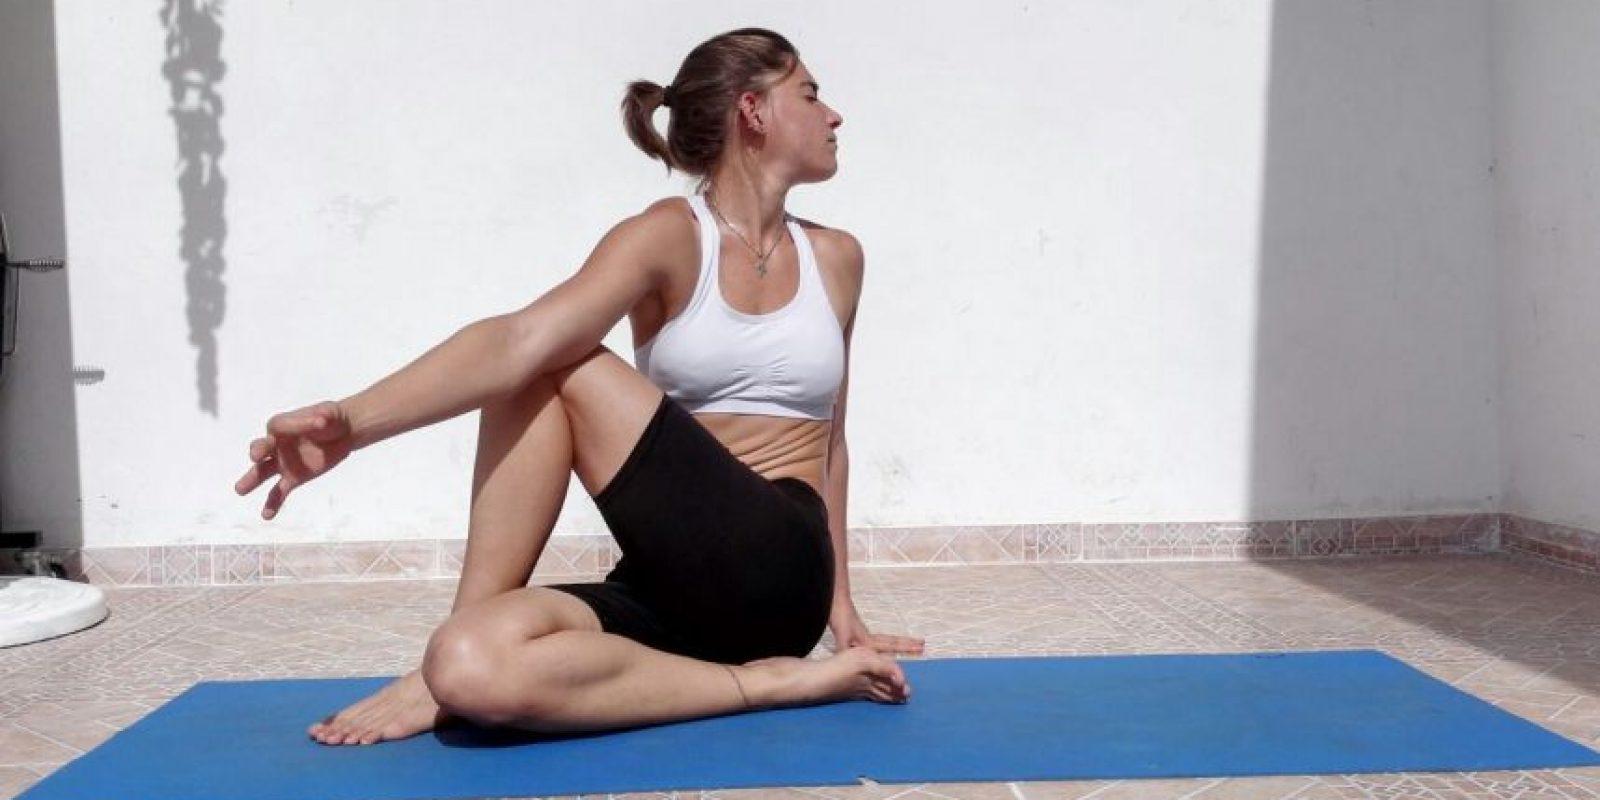 El señor de los peces. Preparación: No sentamos, con la espalda derecha,colocando la planta del pie derecho sobre la ingle. La pierna izquierda la pasamos por encima de la derecha y doblamos el torso colocando el codo derecho por la partede afuera de la pierna izquierda. La mano izquierda la colocamos detrás de nosotros y miramos sobre el hombro izquierdo. Mantenemos la posición por unos 15 segundos y cambiamos de lado. Beneficios: Estimula los riñones Estira los hombros, las caderas y el cuello Le da energía a la columna vertebral Terapeutico para el asma y lainfertilidad Estimula la digestión Precauciones: Si tienes problemas en la columna oen la espalda, solo realice este ejercicio con ayuda de un profesor experimentado. Foto:Roberto Guzmán